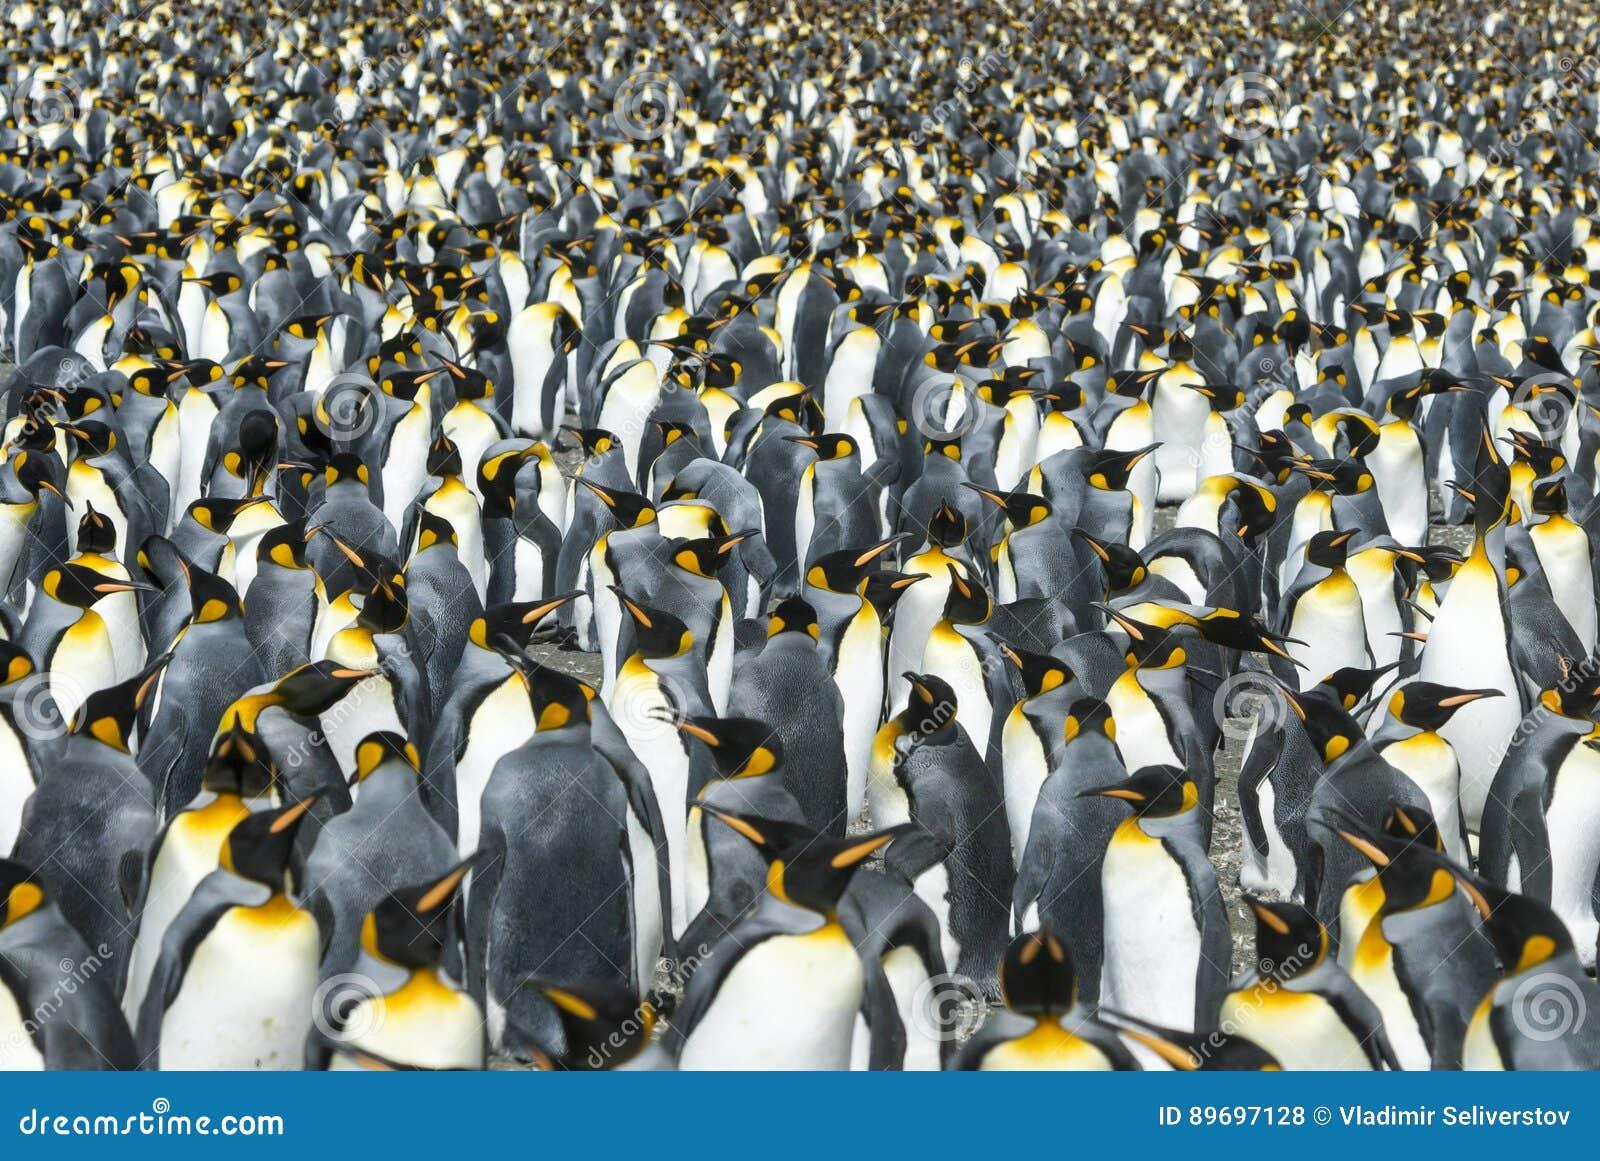 Colônia dos pinguins de rei em Geórgia sul